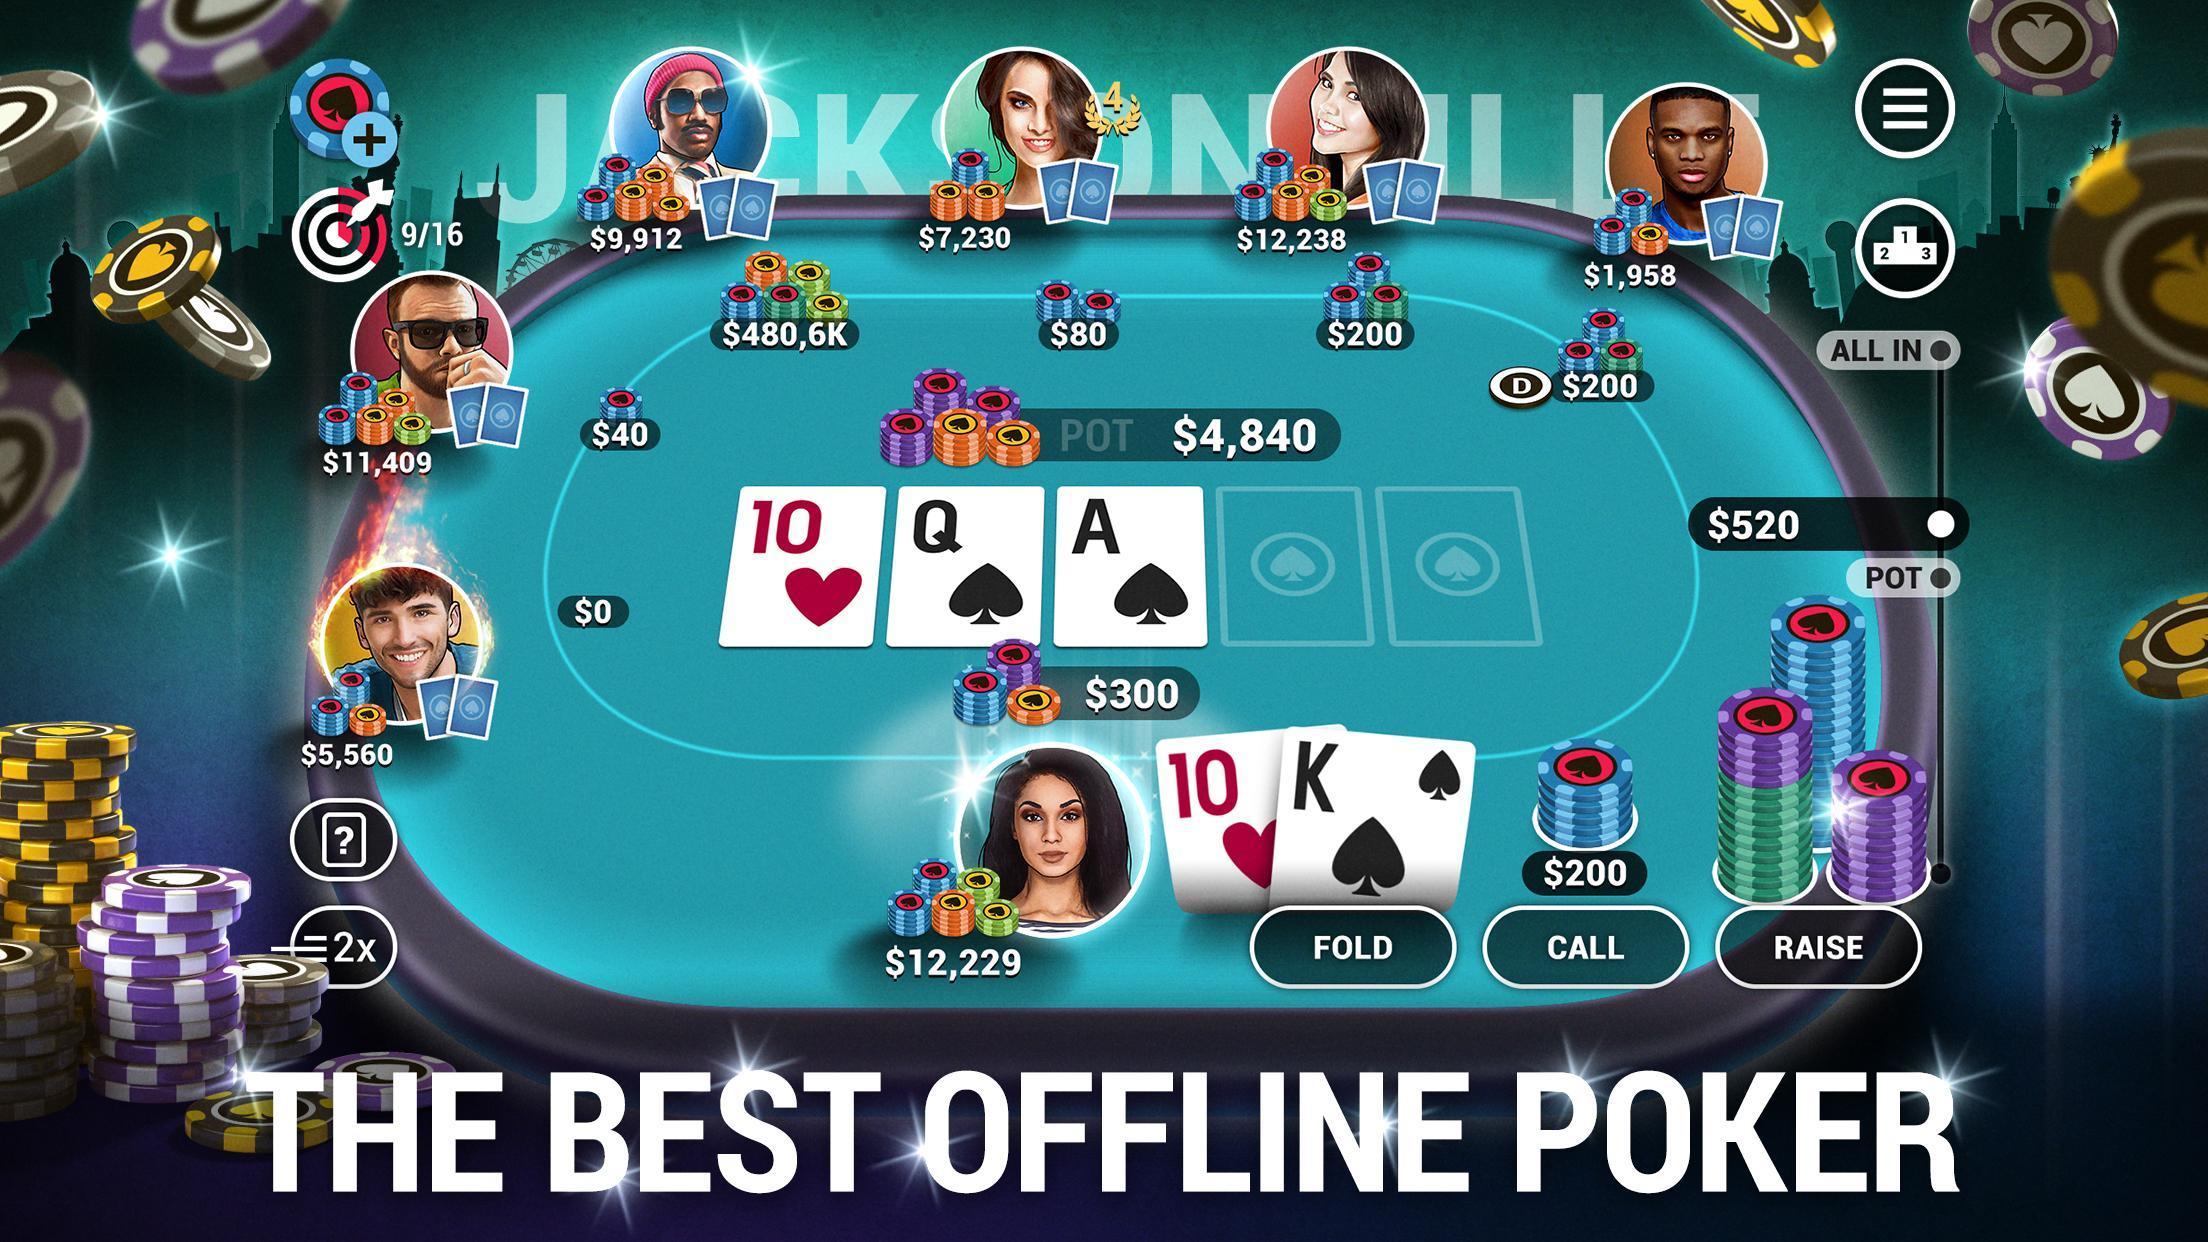 Poker World Offline Texas Holdem 1.7.14 Screenshot 1